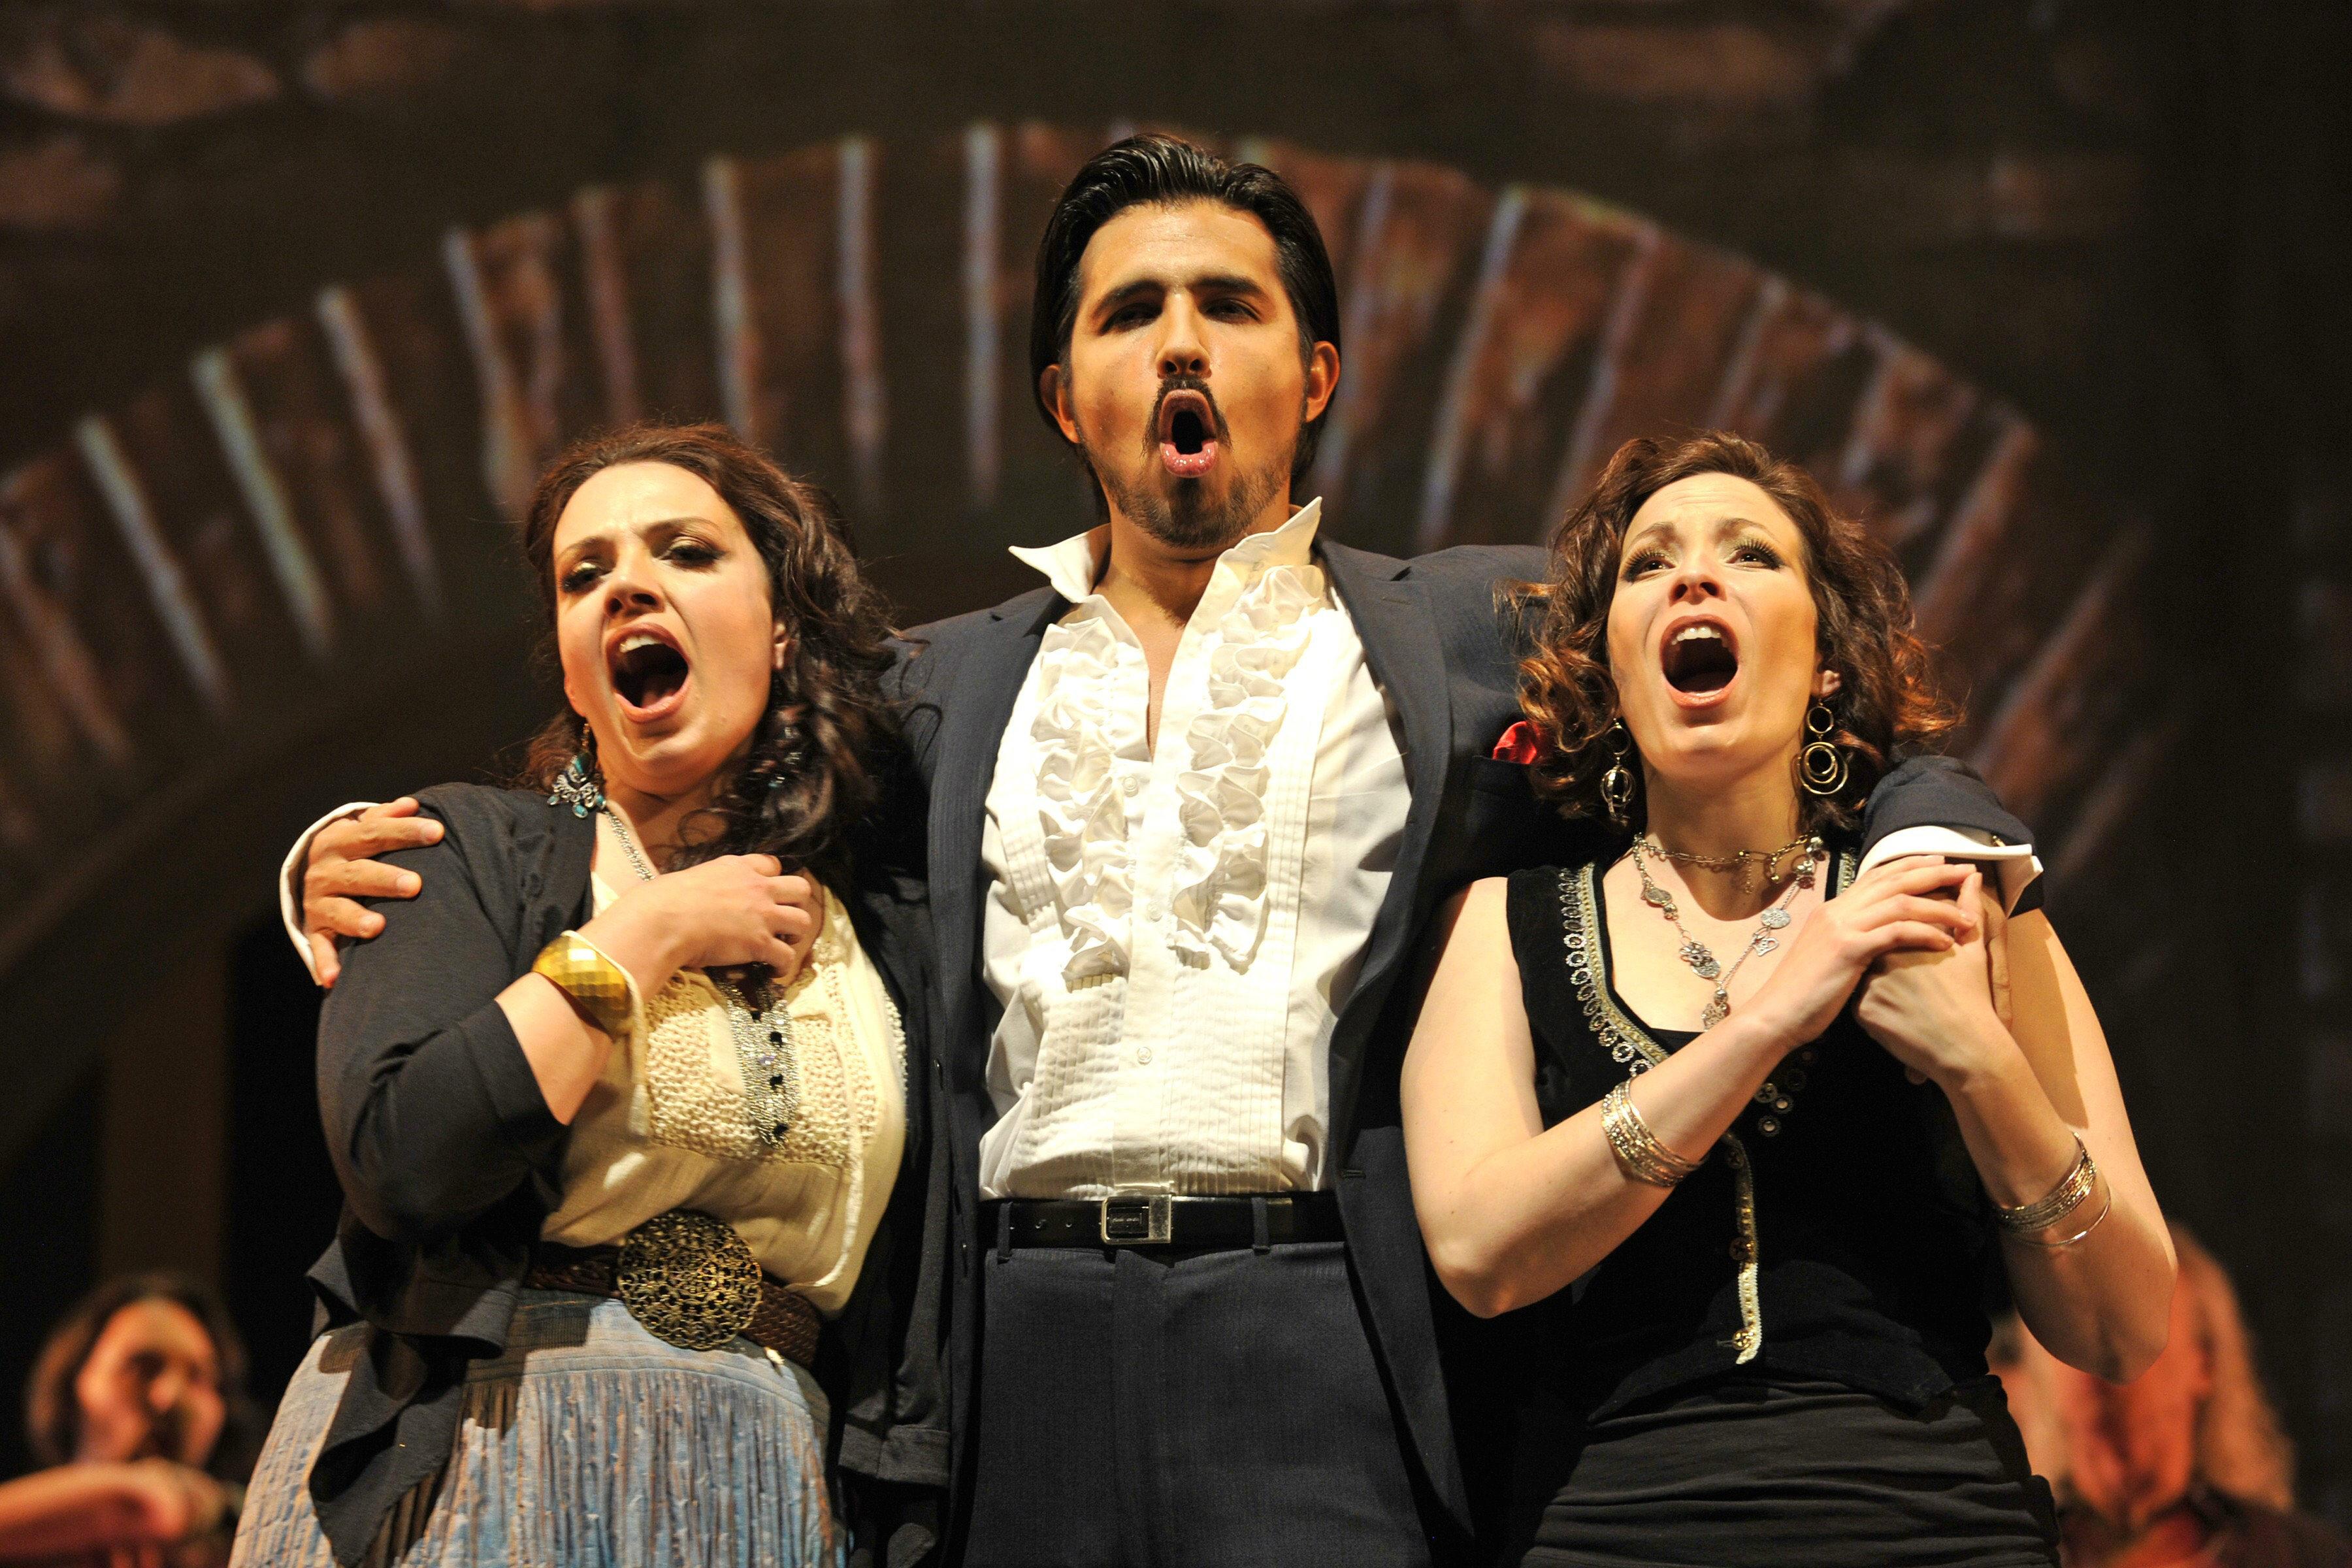 El barítono Armando Piña debuta con la Ópera de Quebéc